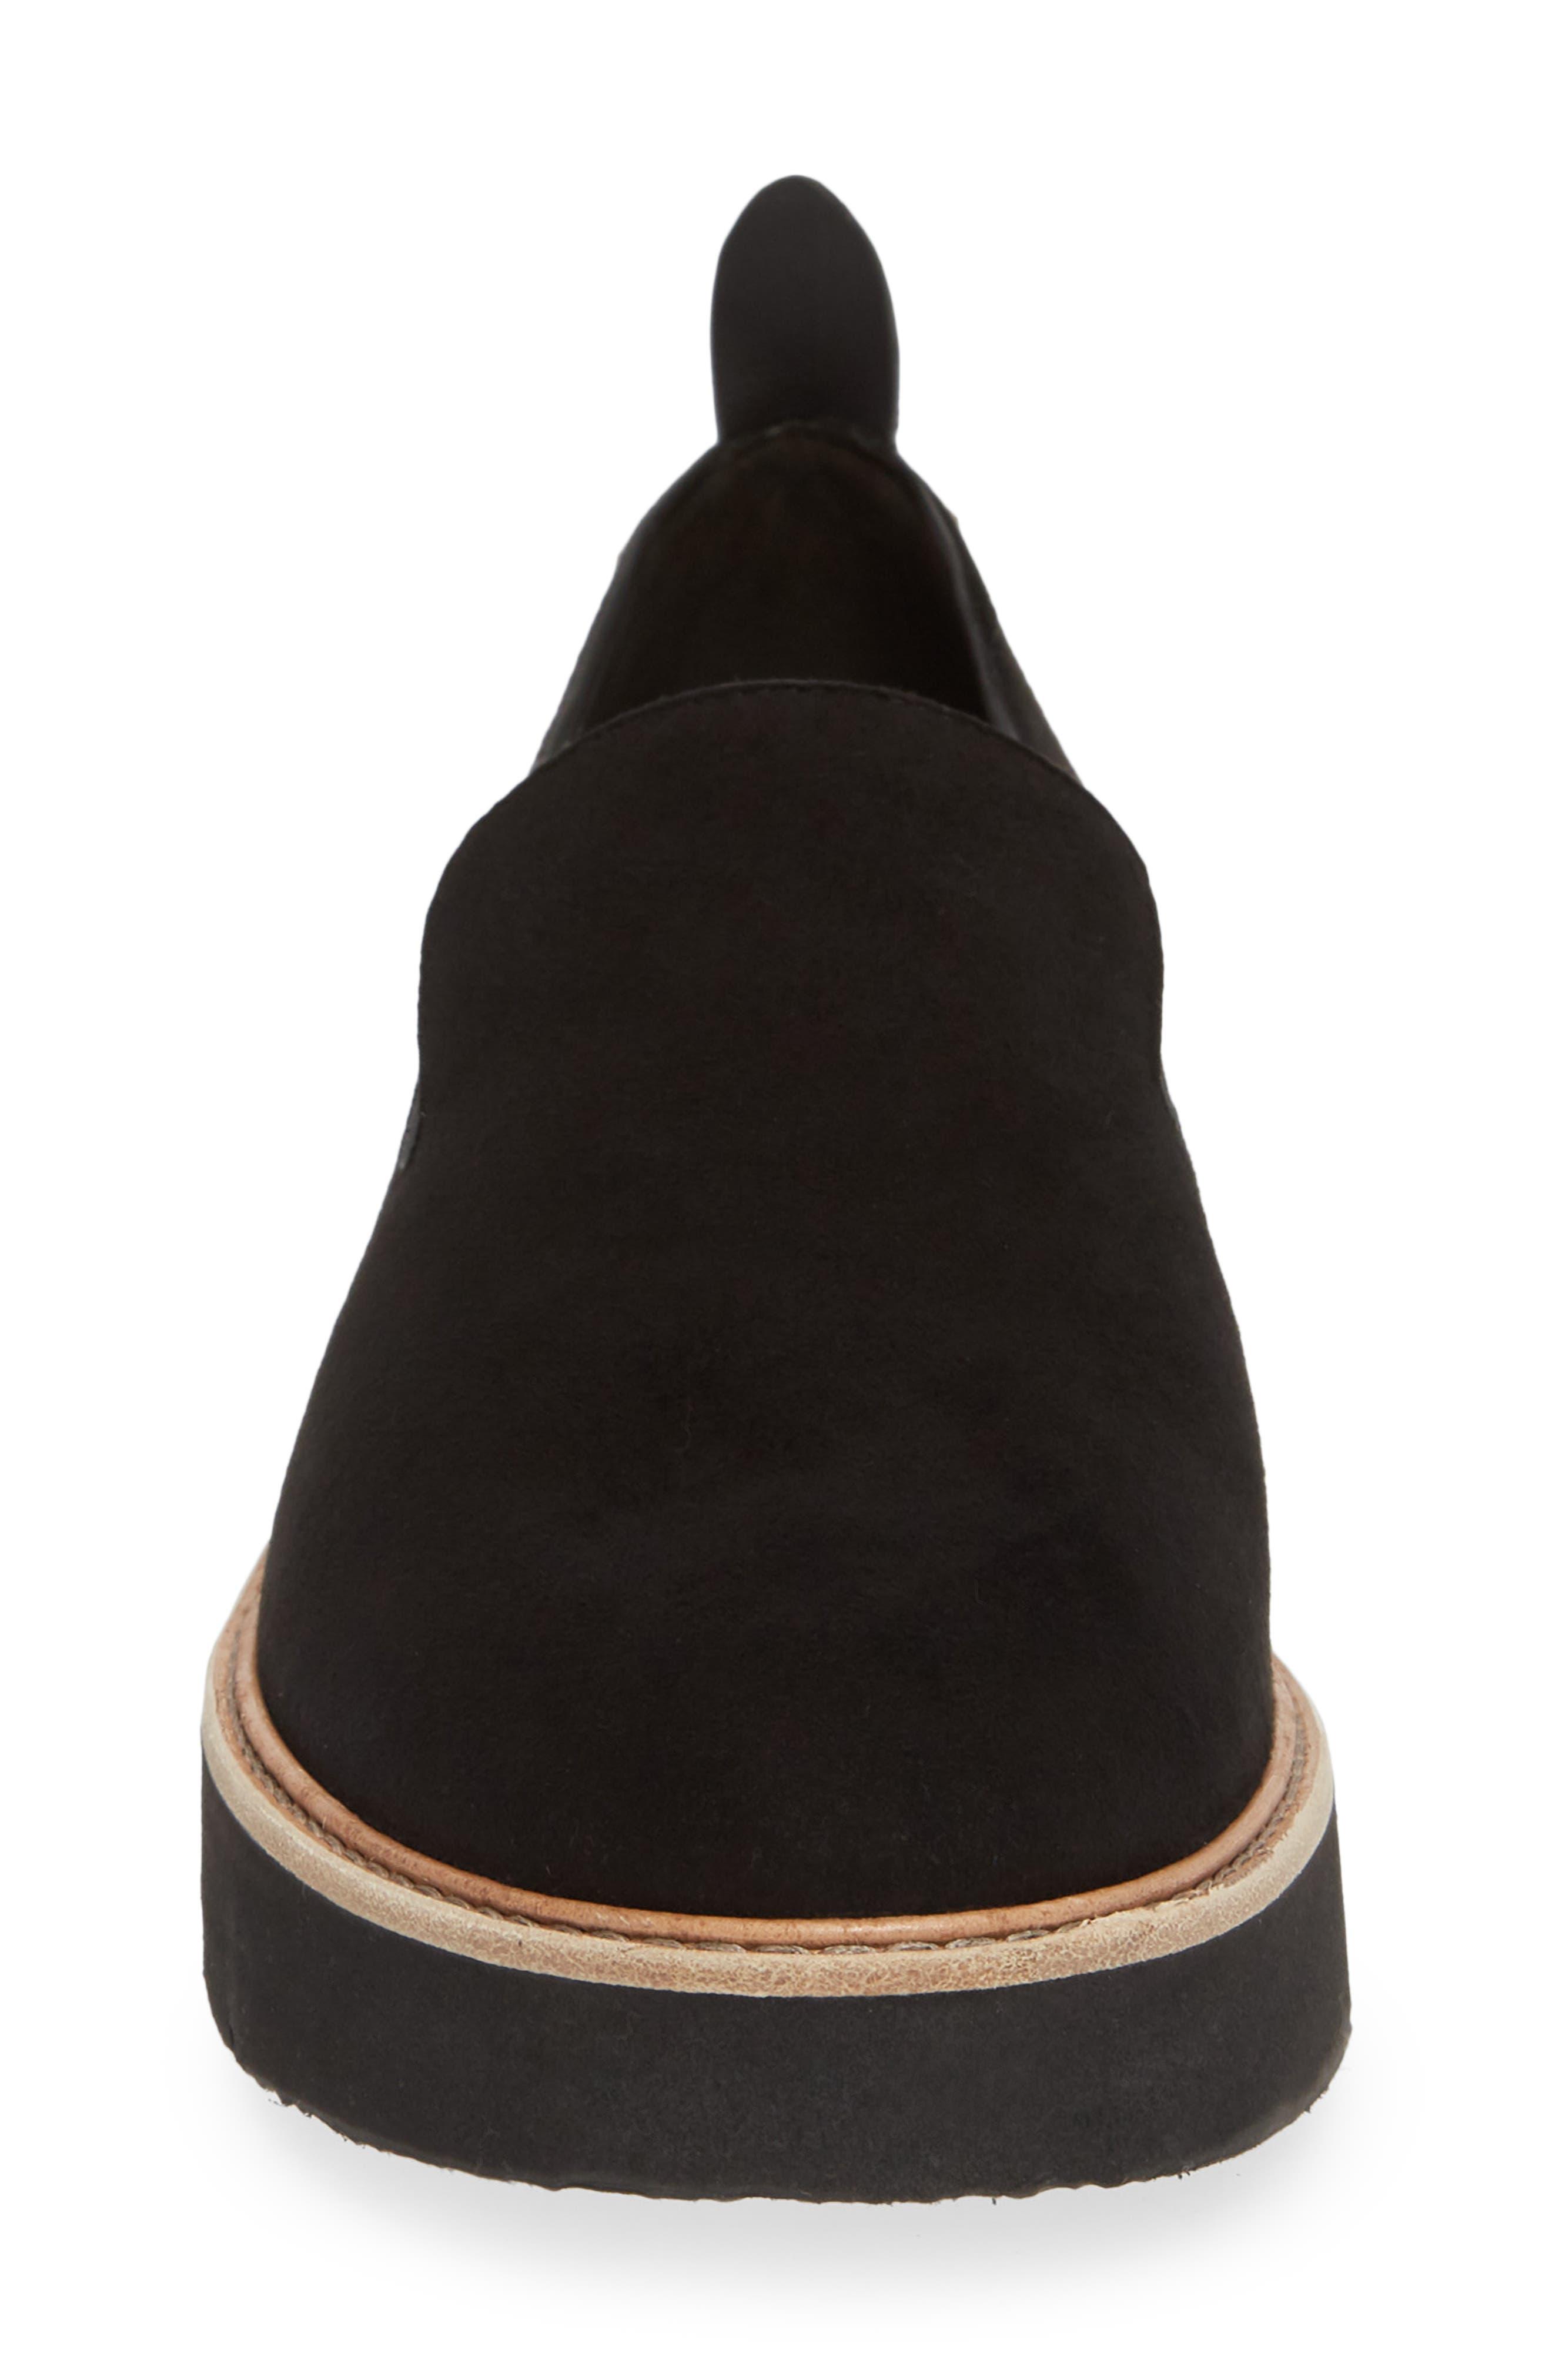 Sanders Slip-On Sneaker,                             Alternate thumbnail 4, color,                             BLACK/ BLACK LEATHER